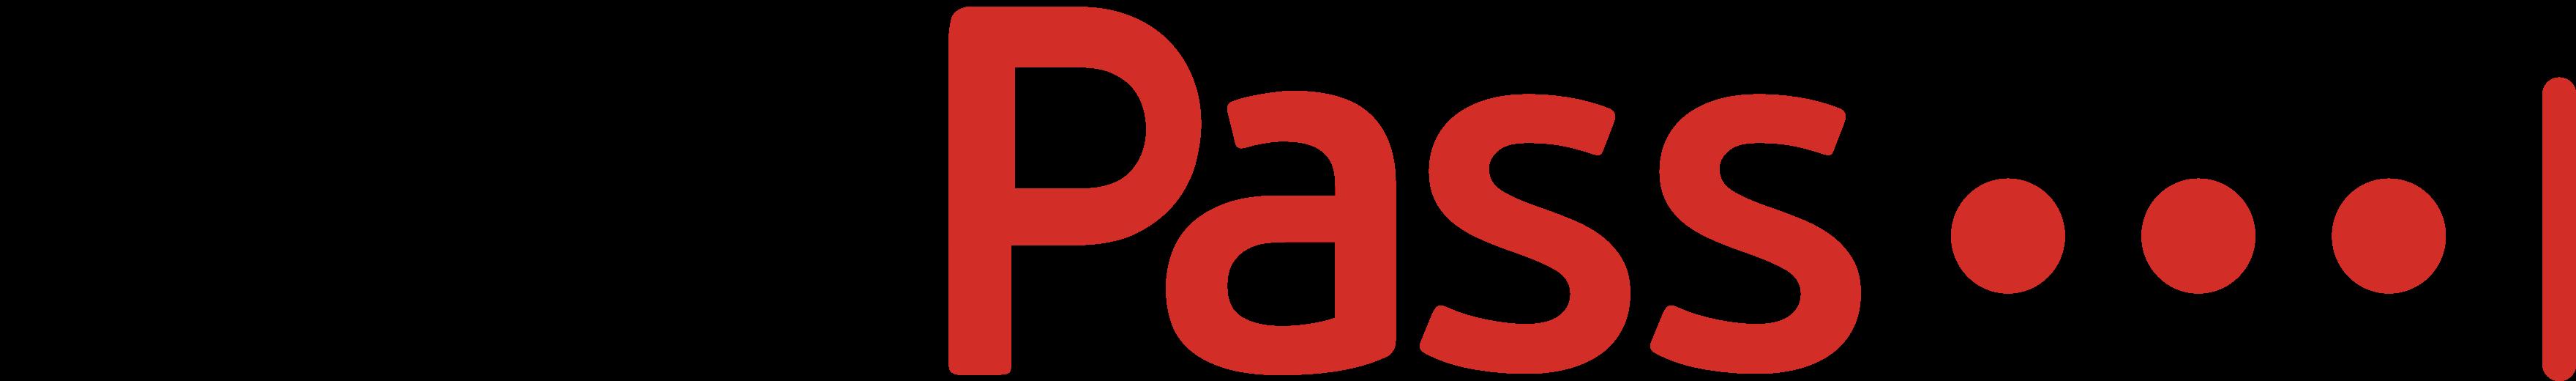 Resultado de imagem para last pass logo png